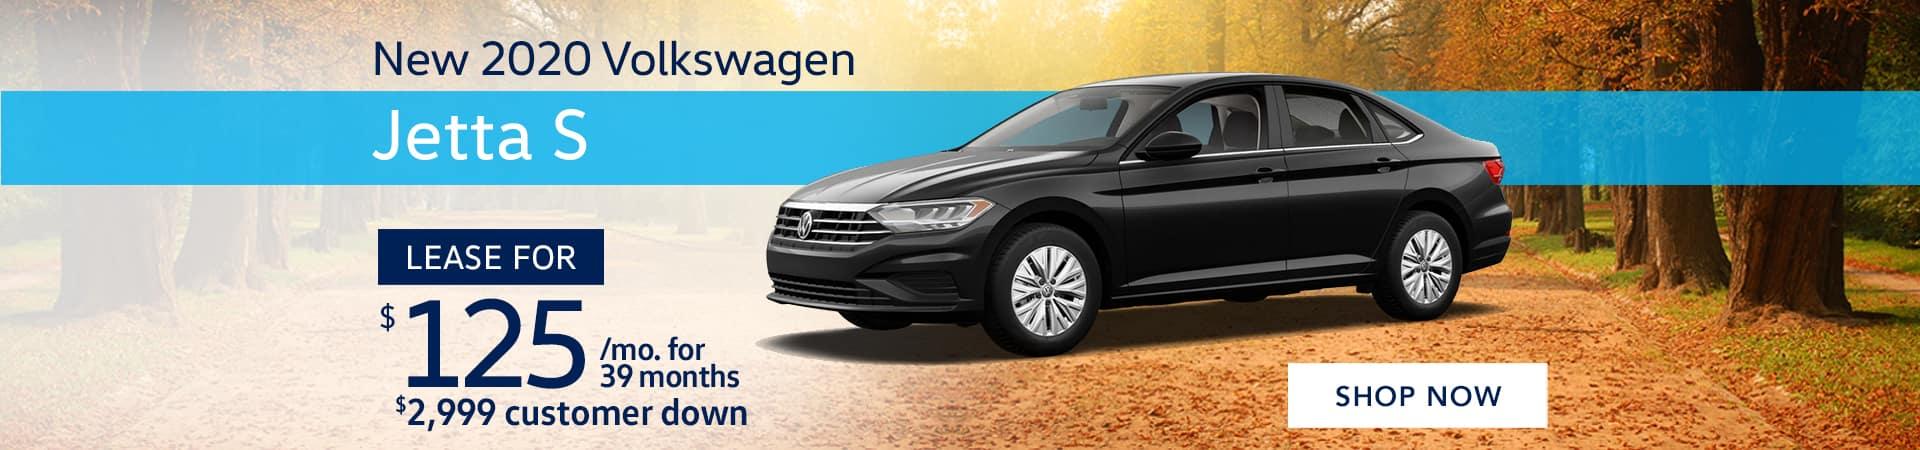 BVW_1920x450_New 2020 Volkswagen JettaS _10_20